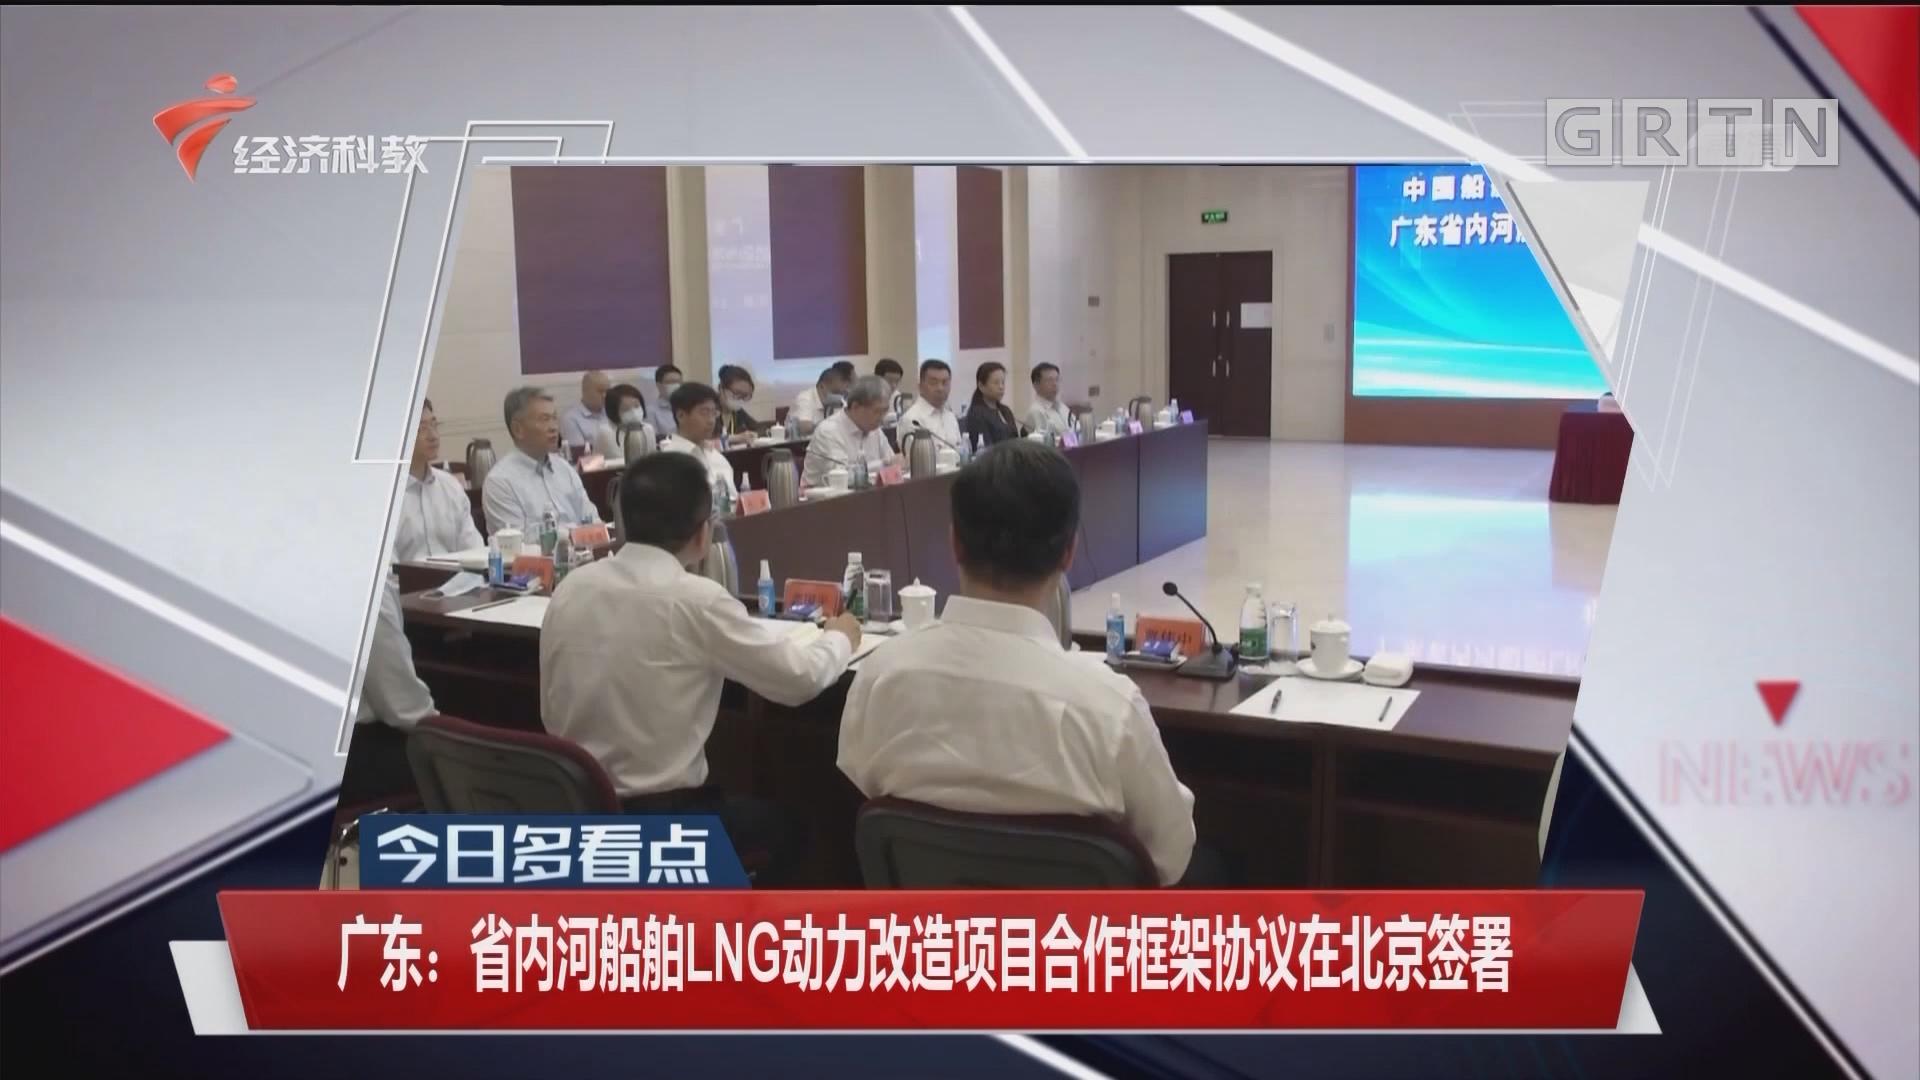 廣東:省內河船舶LNG動力改造項目合作框架協議在北京簽署